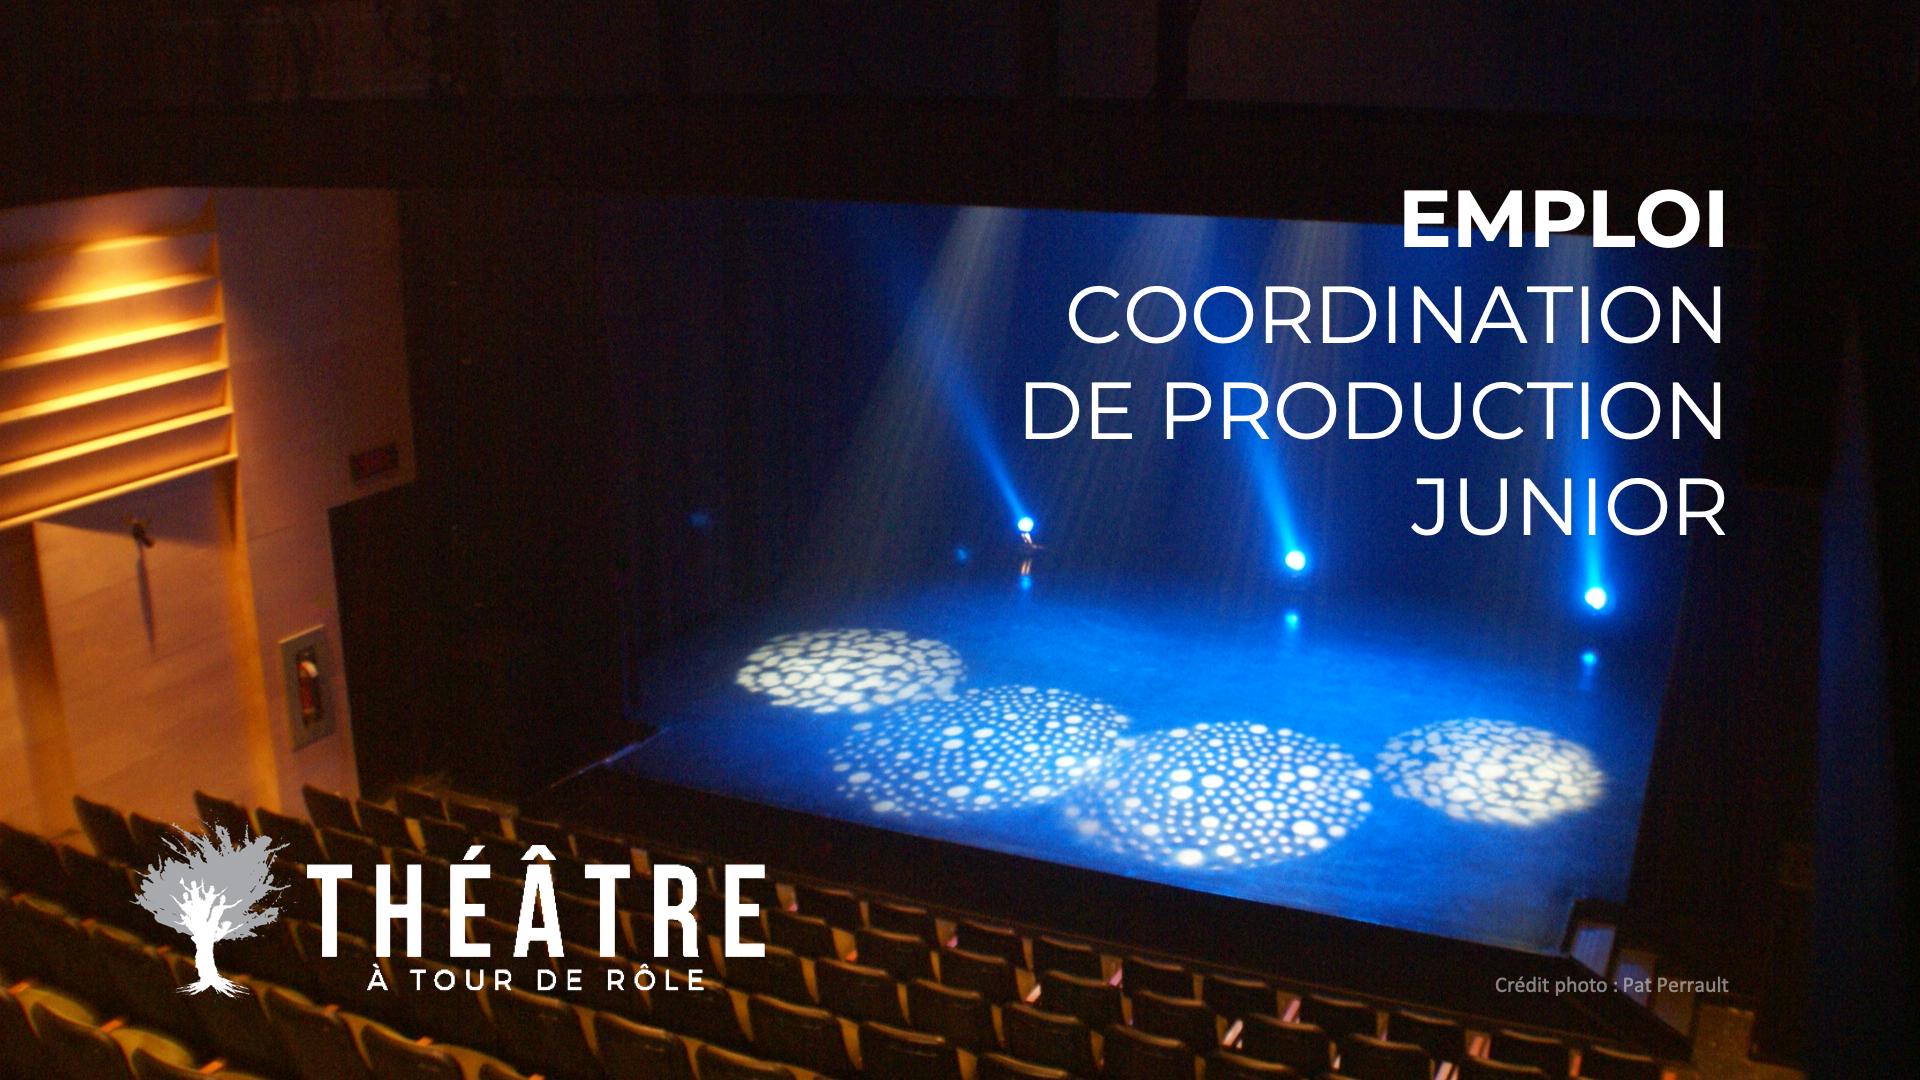 OFFRE D'EMPLOI : COORDINATION DE PRODUCTION JUNIOR